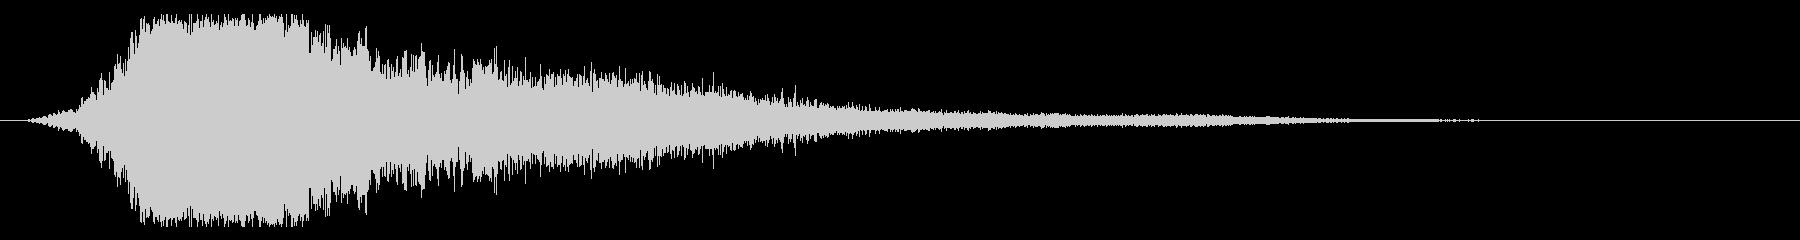 シャキーン(刀や剣、抜刀、インパクト)3の未再生の波形